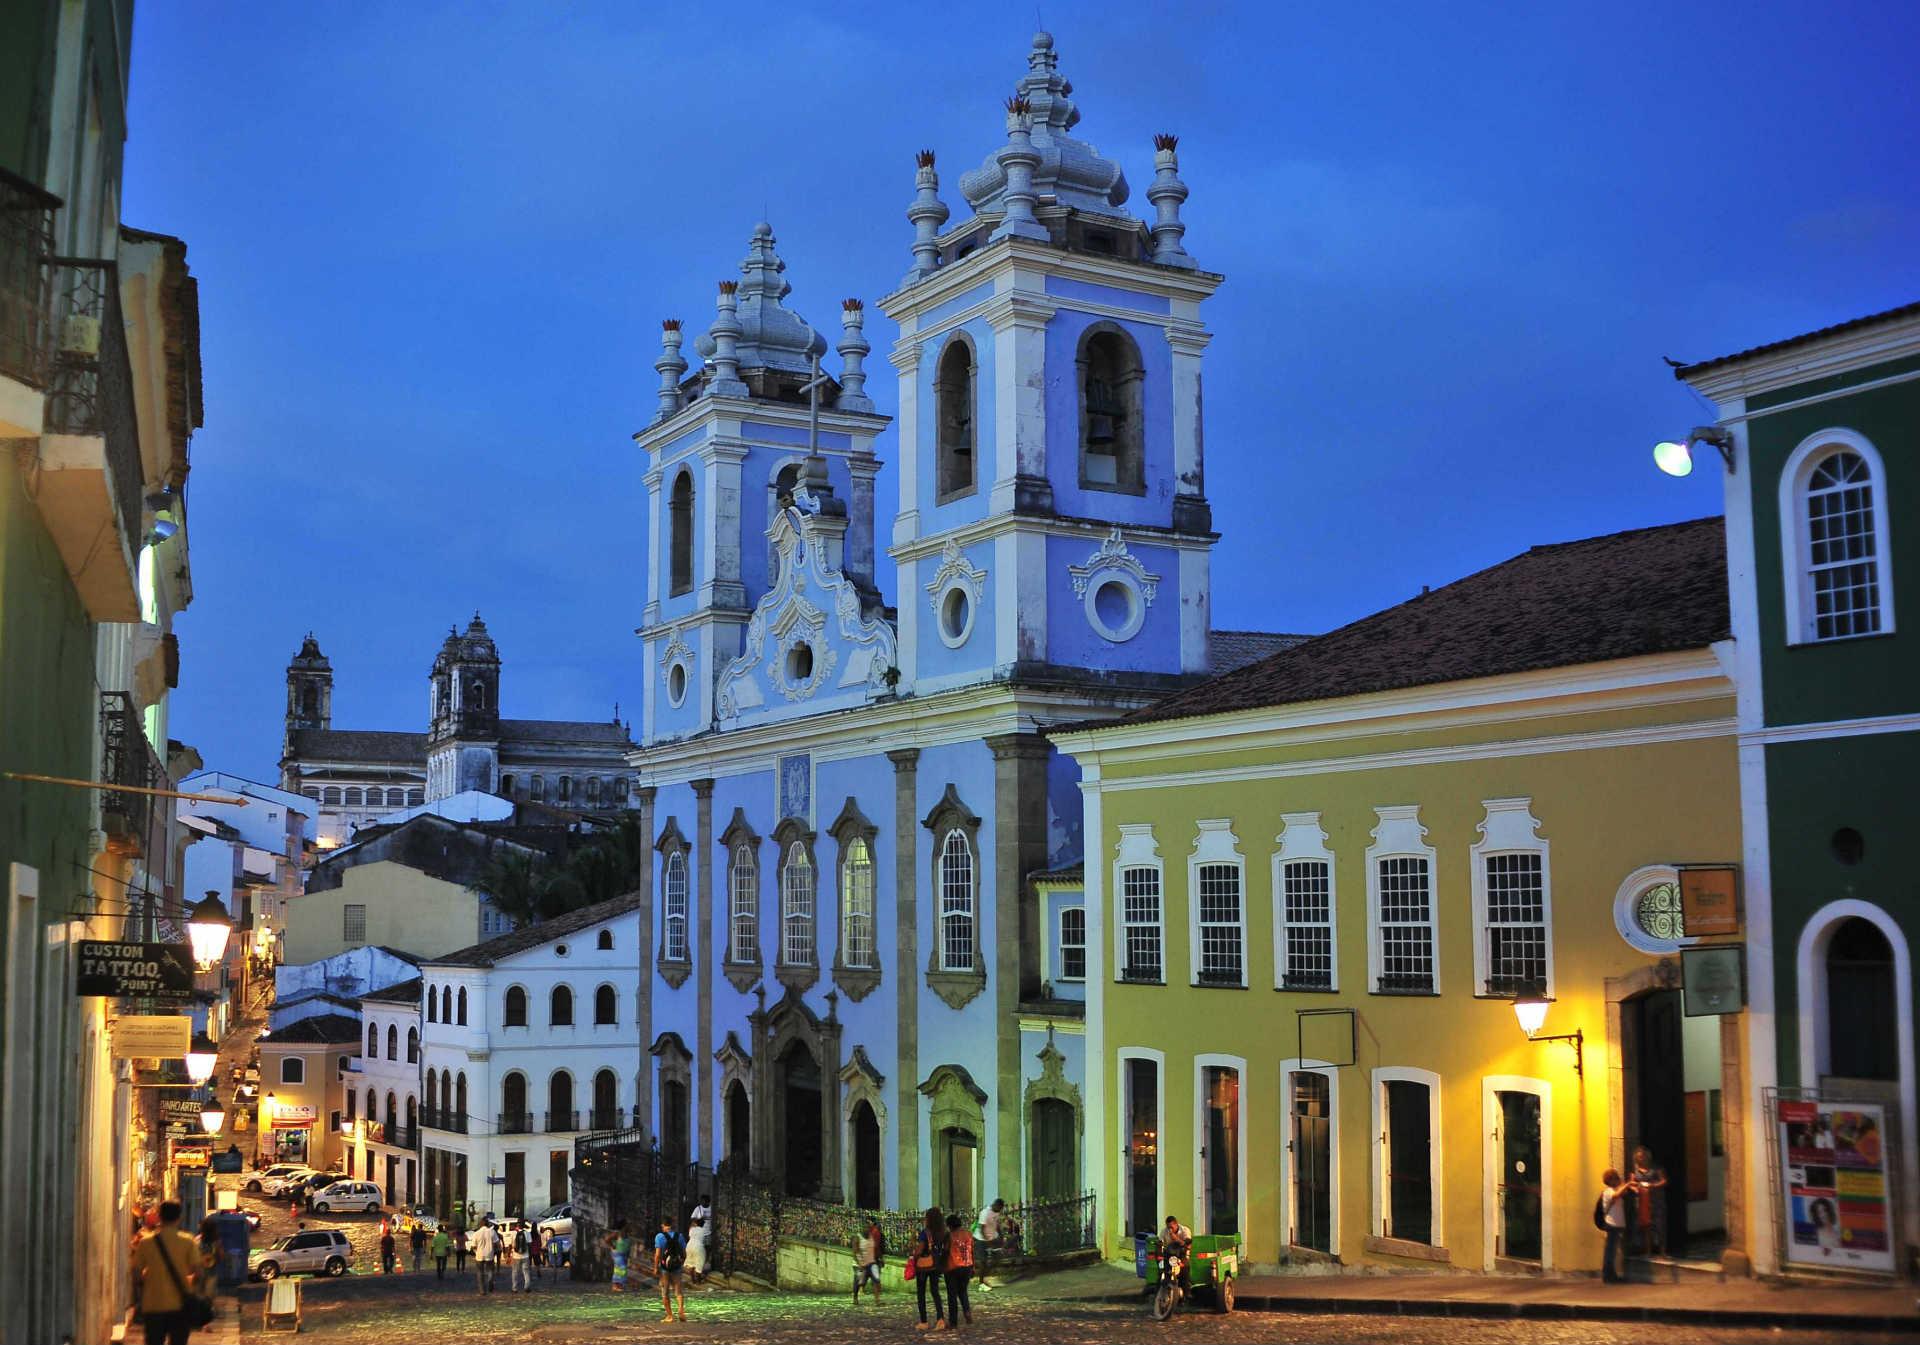 Salvador - Pelourinho - Viagem em Salvador